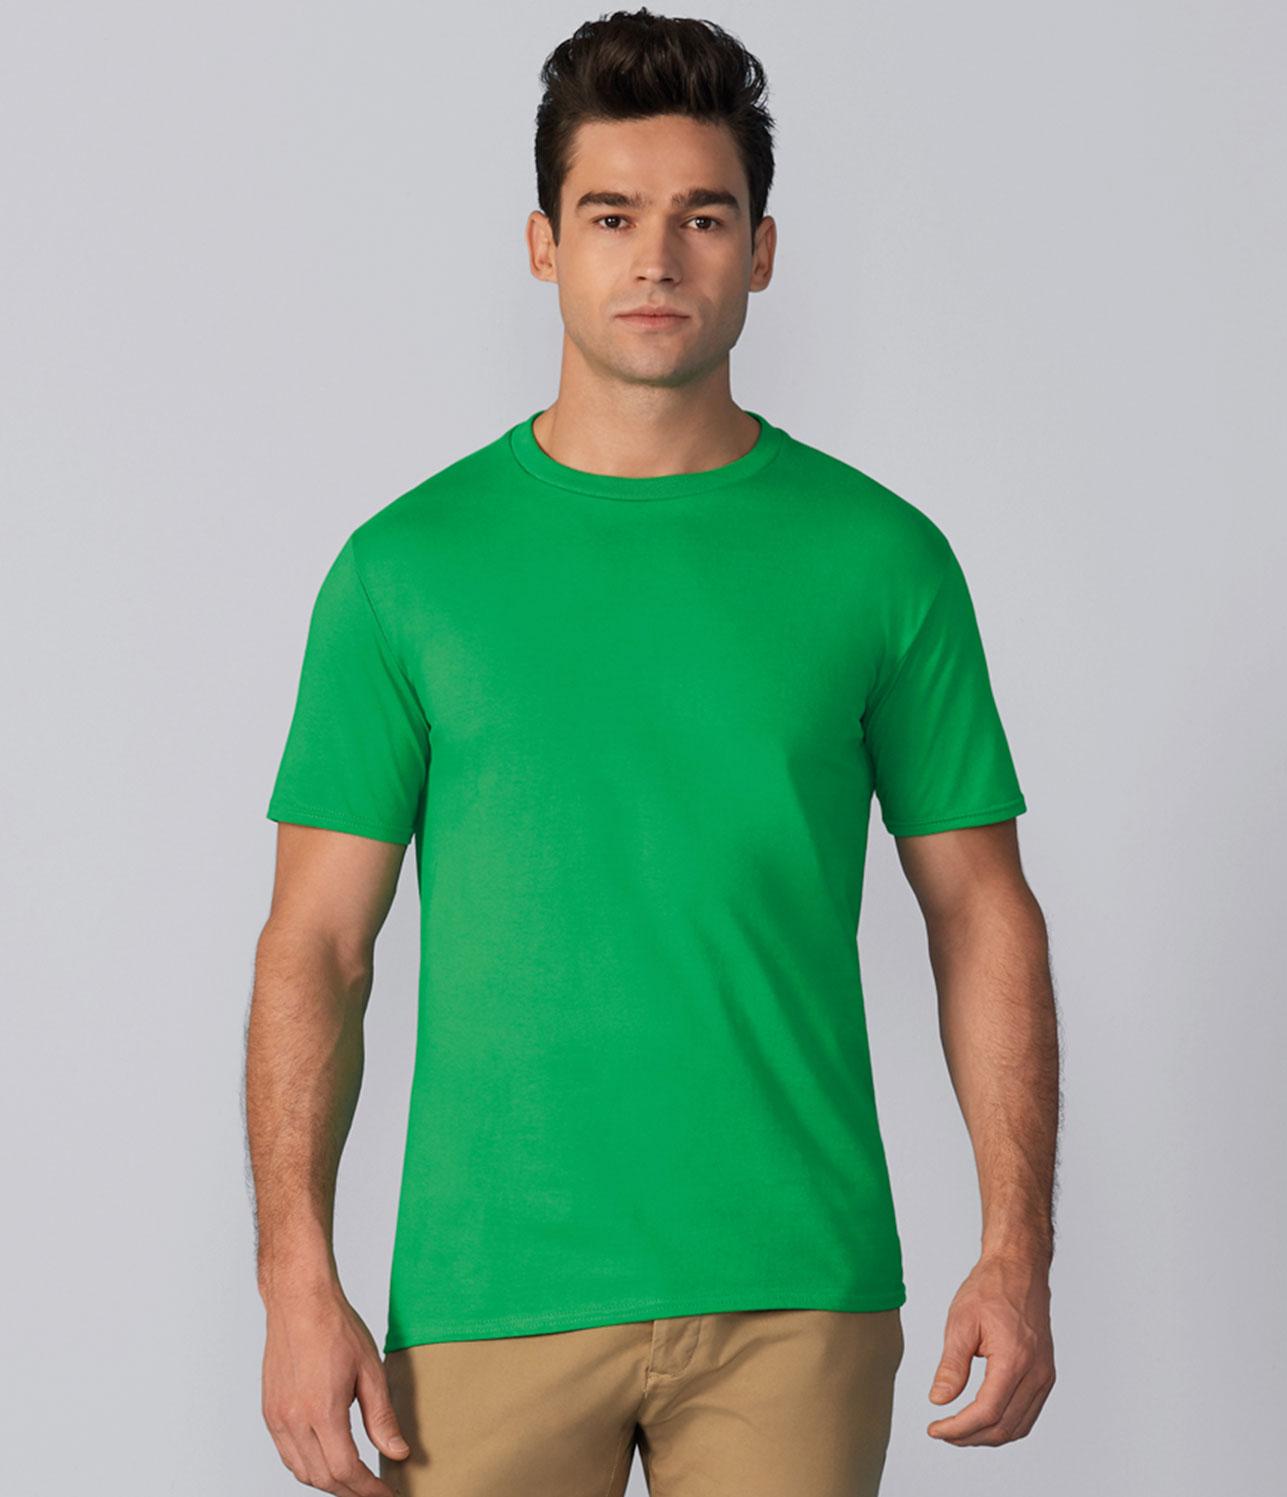 GD08 Premium T-Shirt for band merch